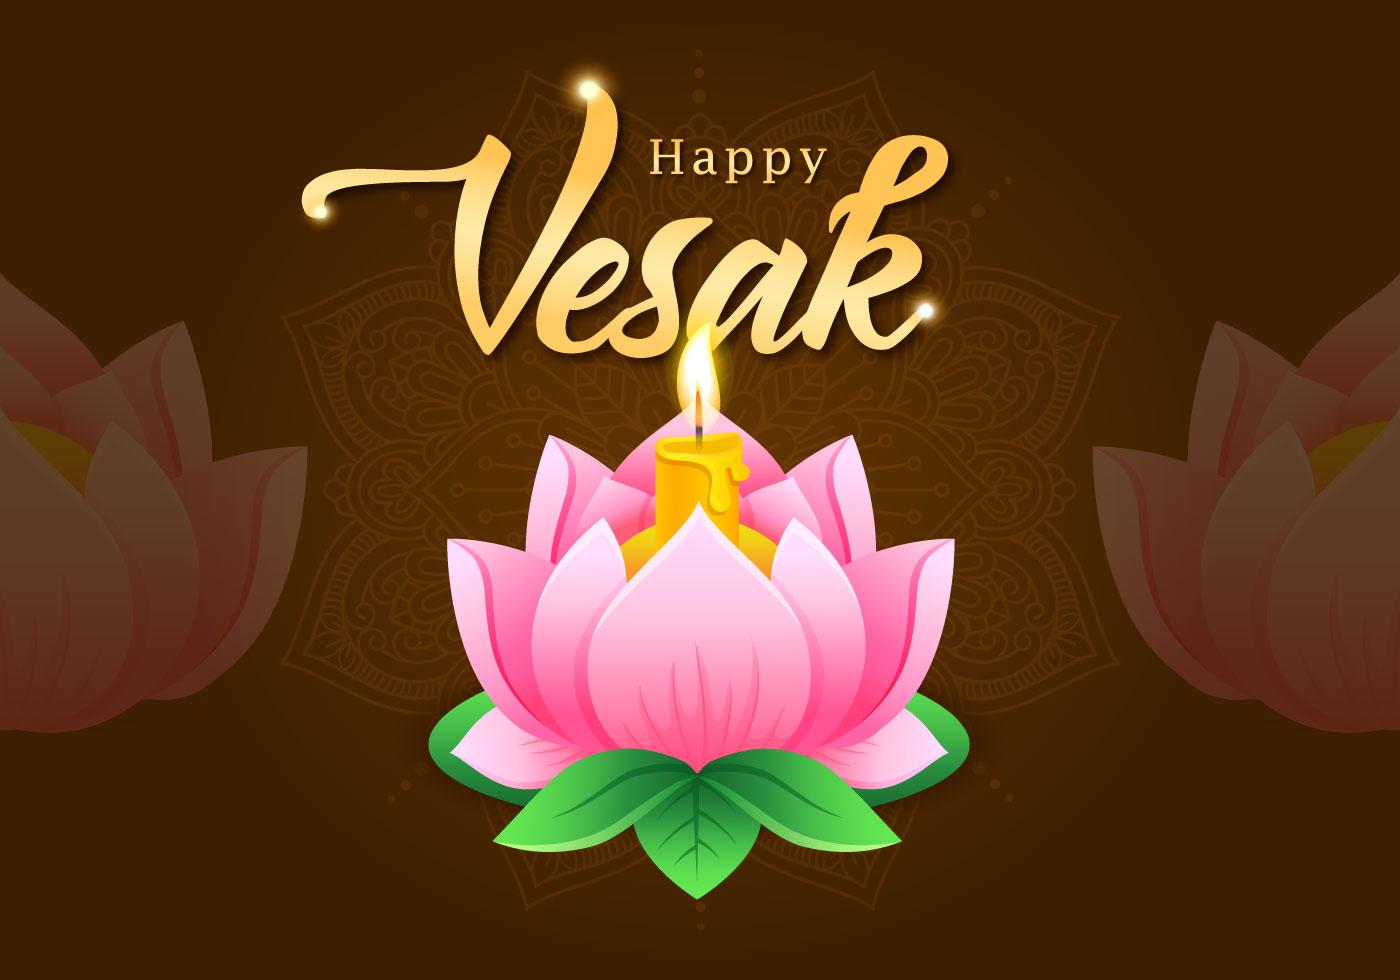 Vesak Greetings Lotus Flower Download Free Vector Art Stock